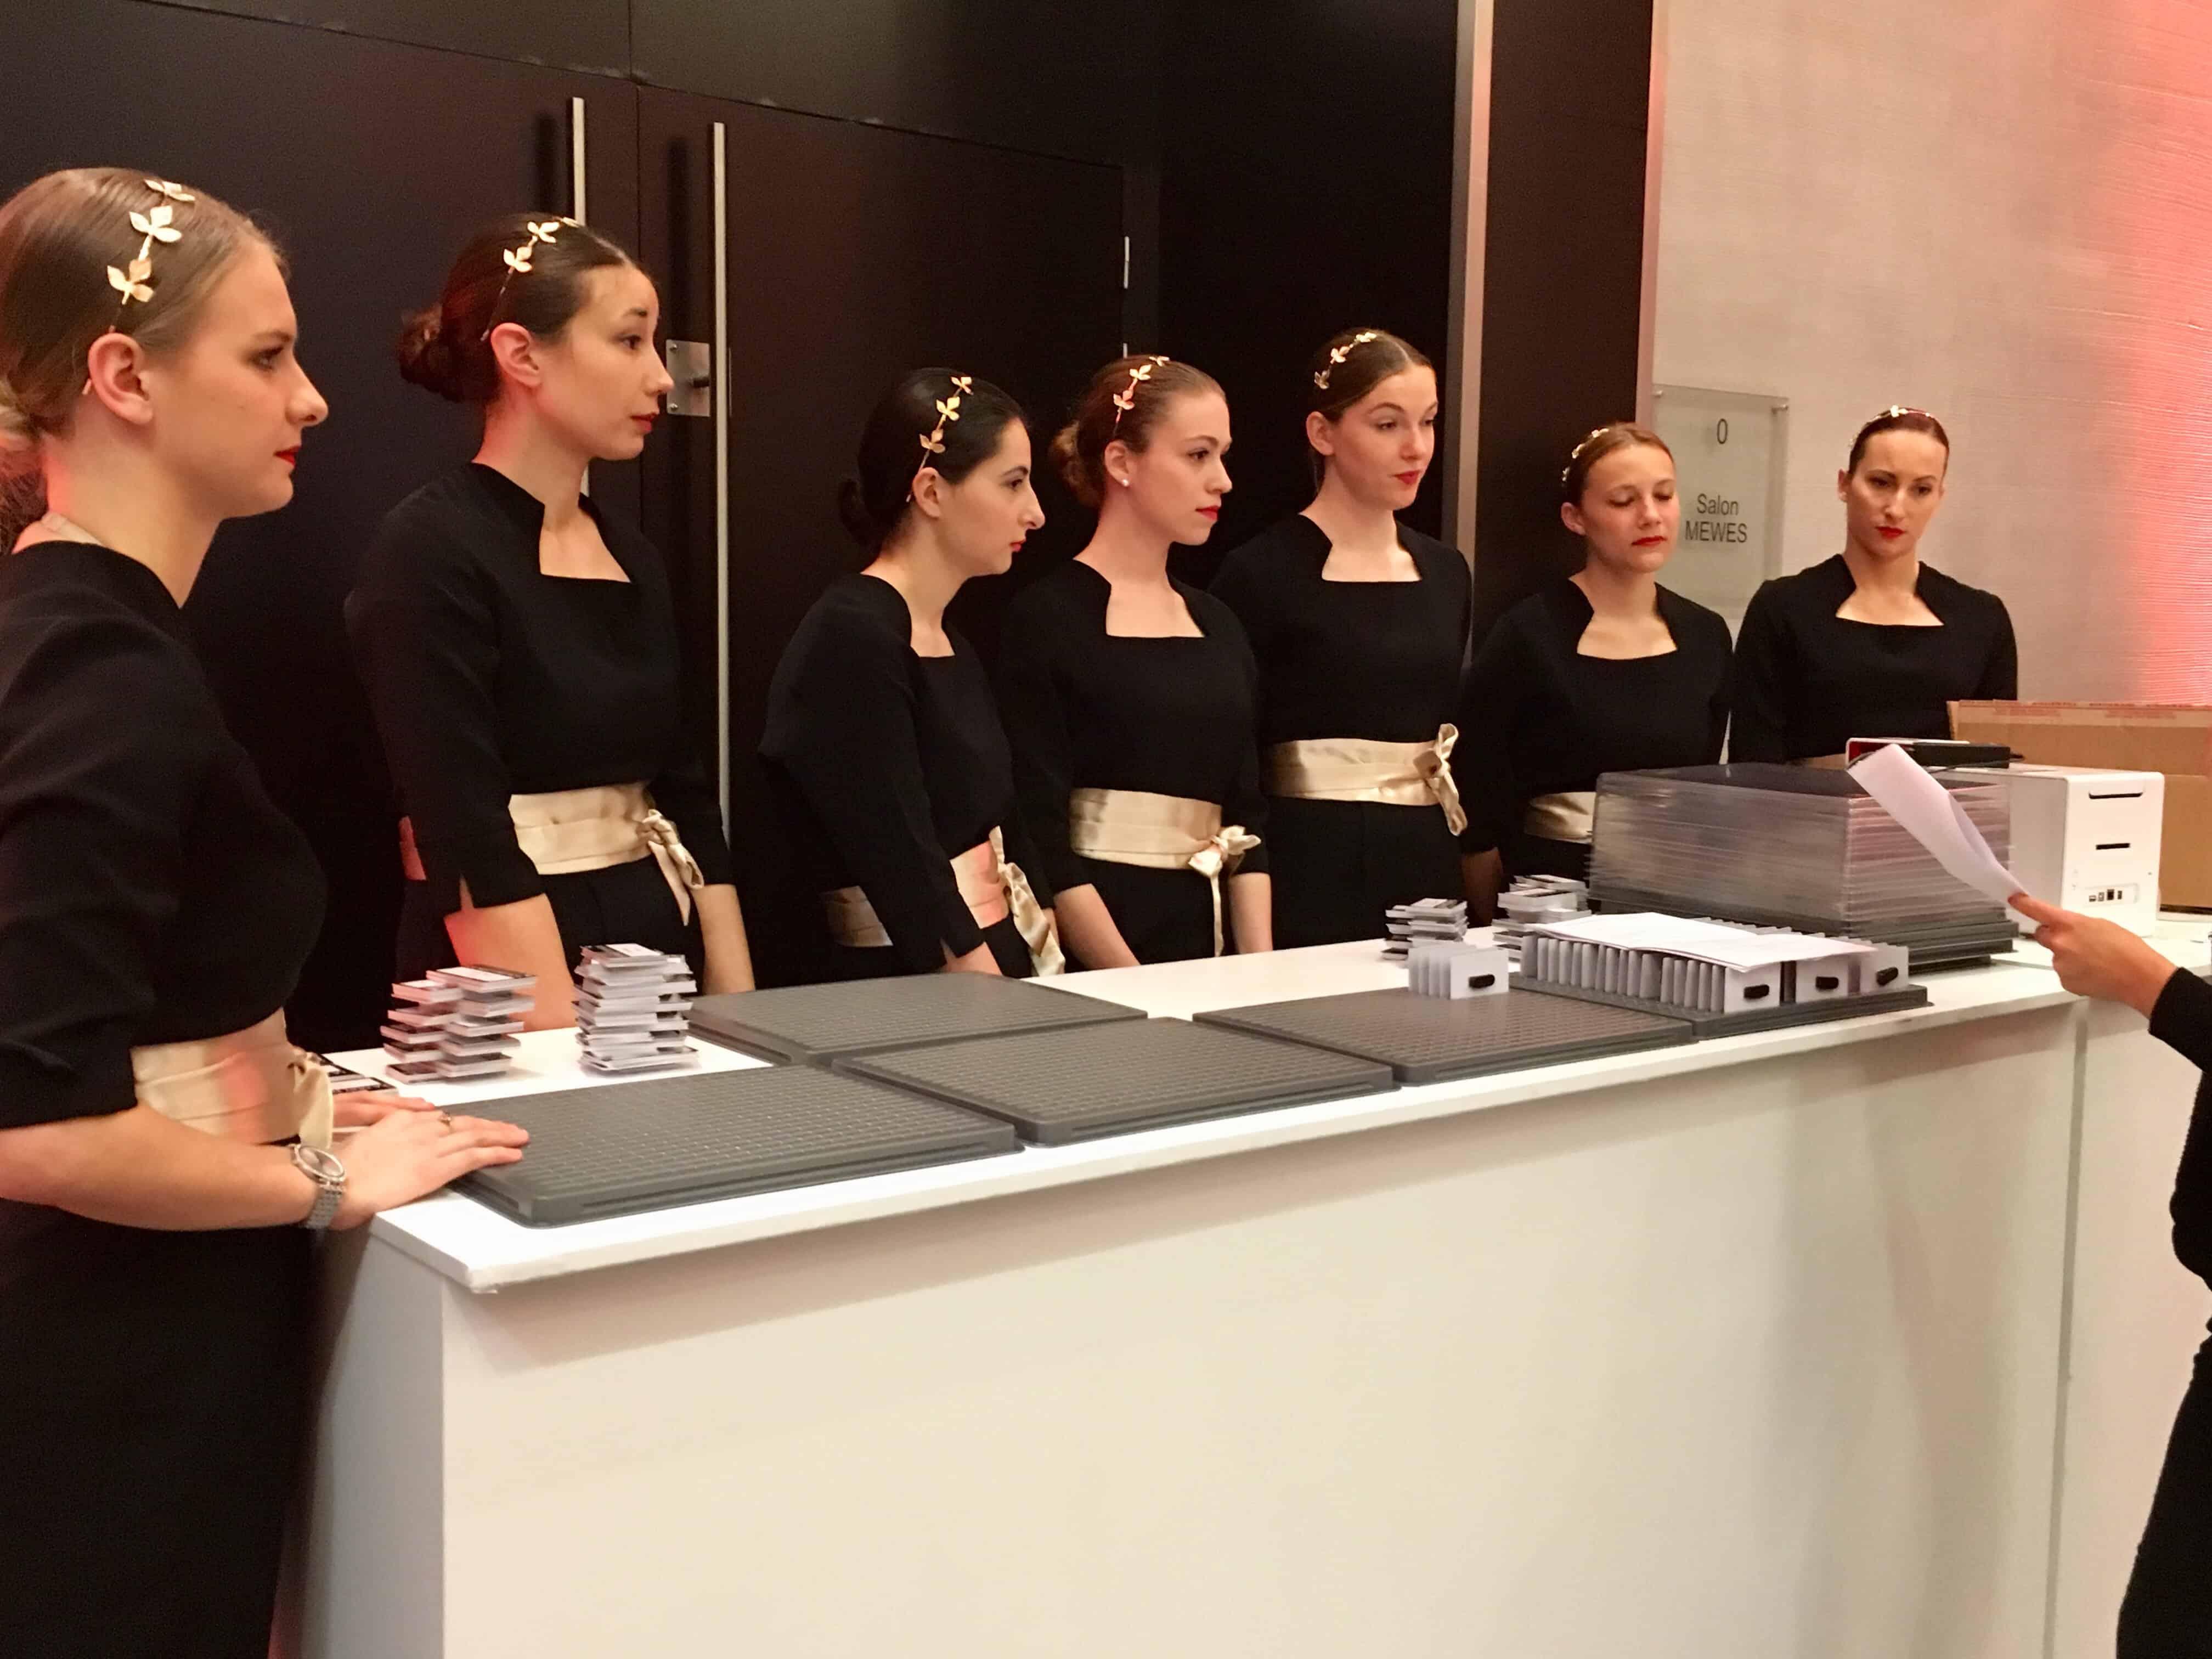 Agence hotesse paris agence elegance h tesses paris for Hotesse pour salon